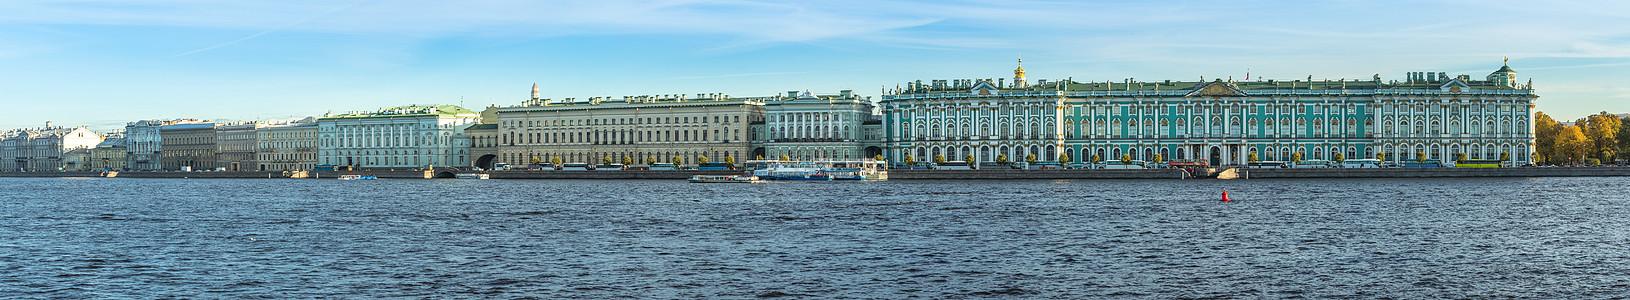 圣彼得堡涅瓦河风光图片